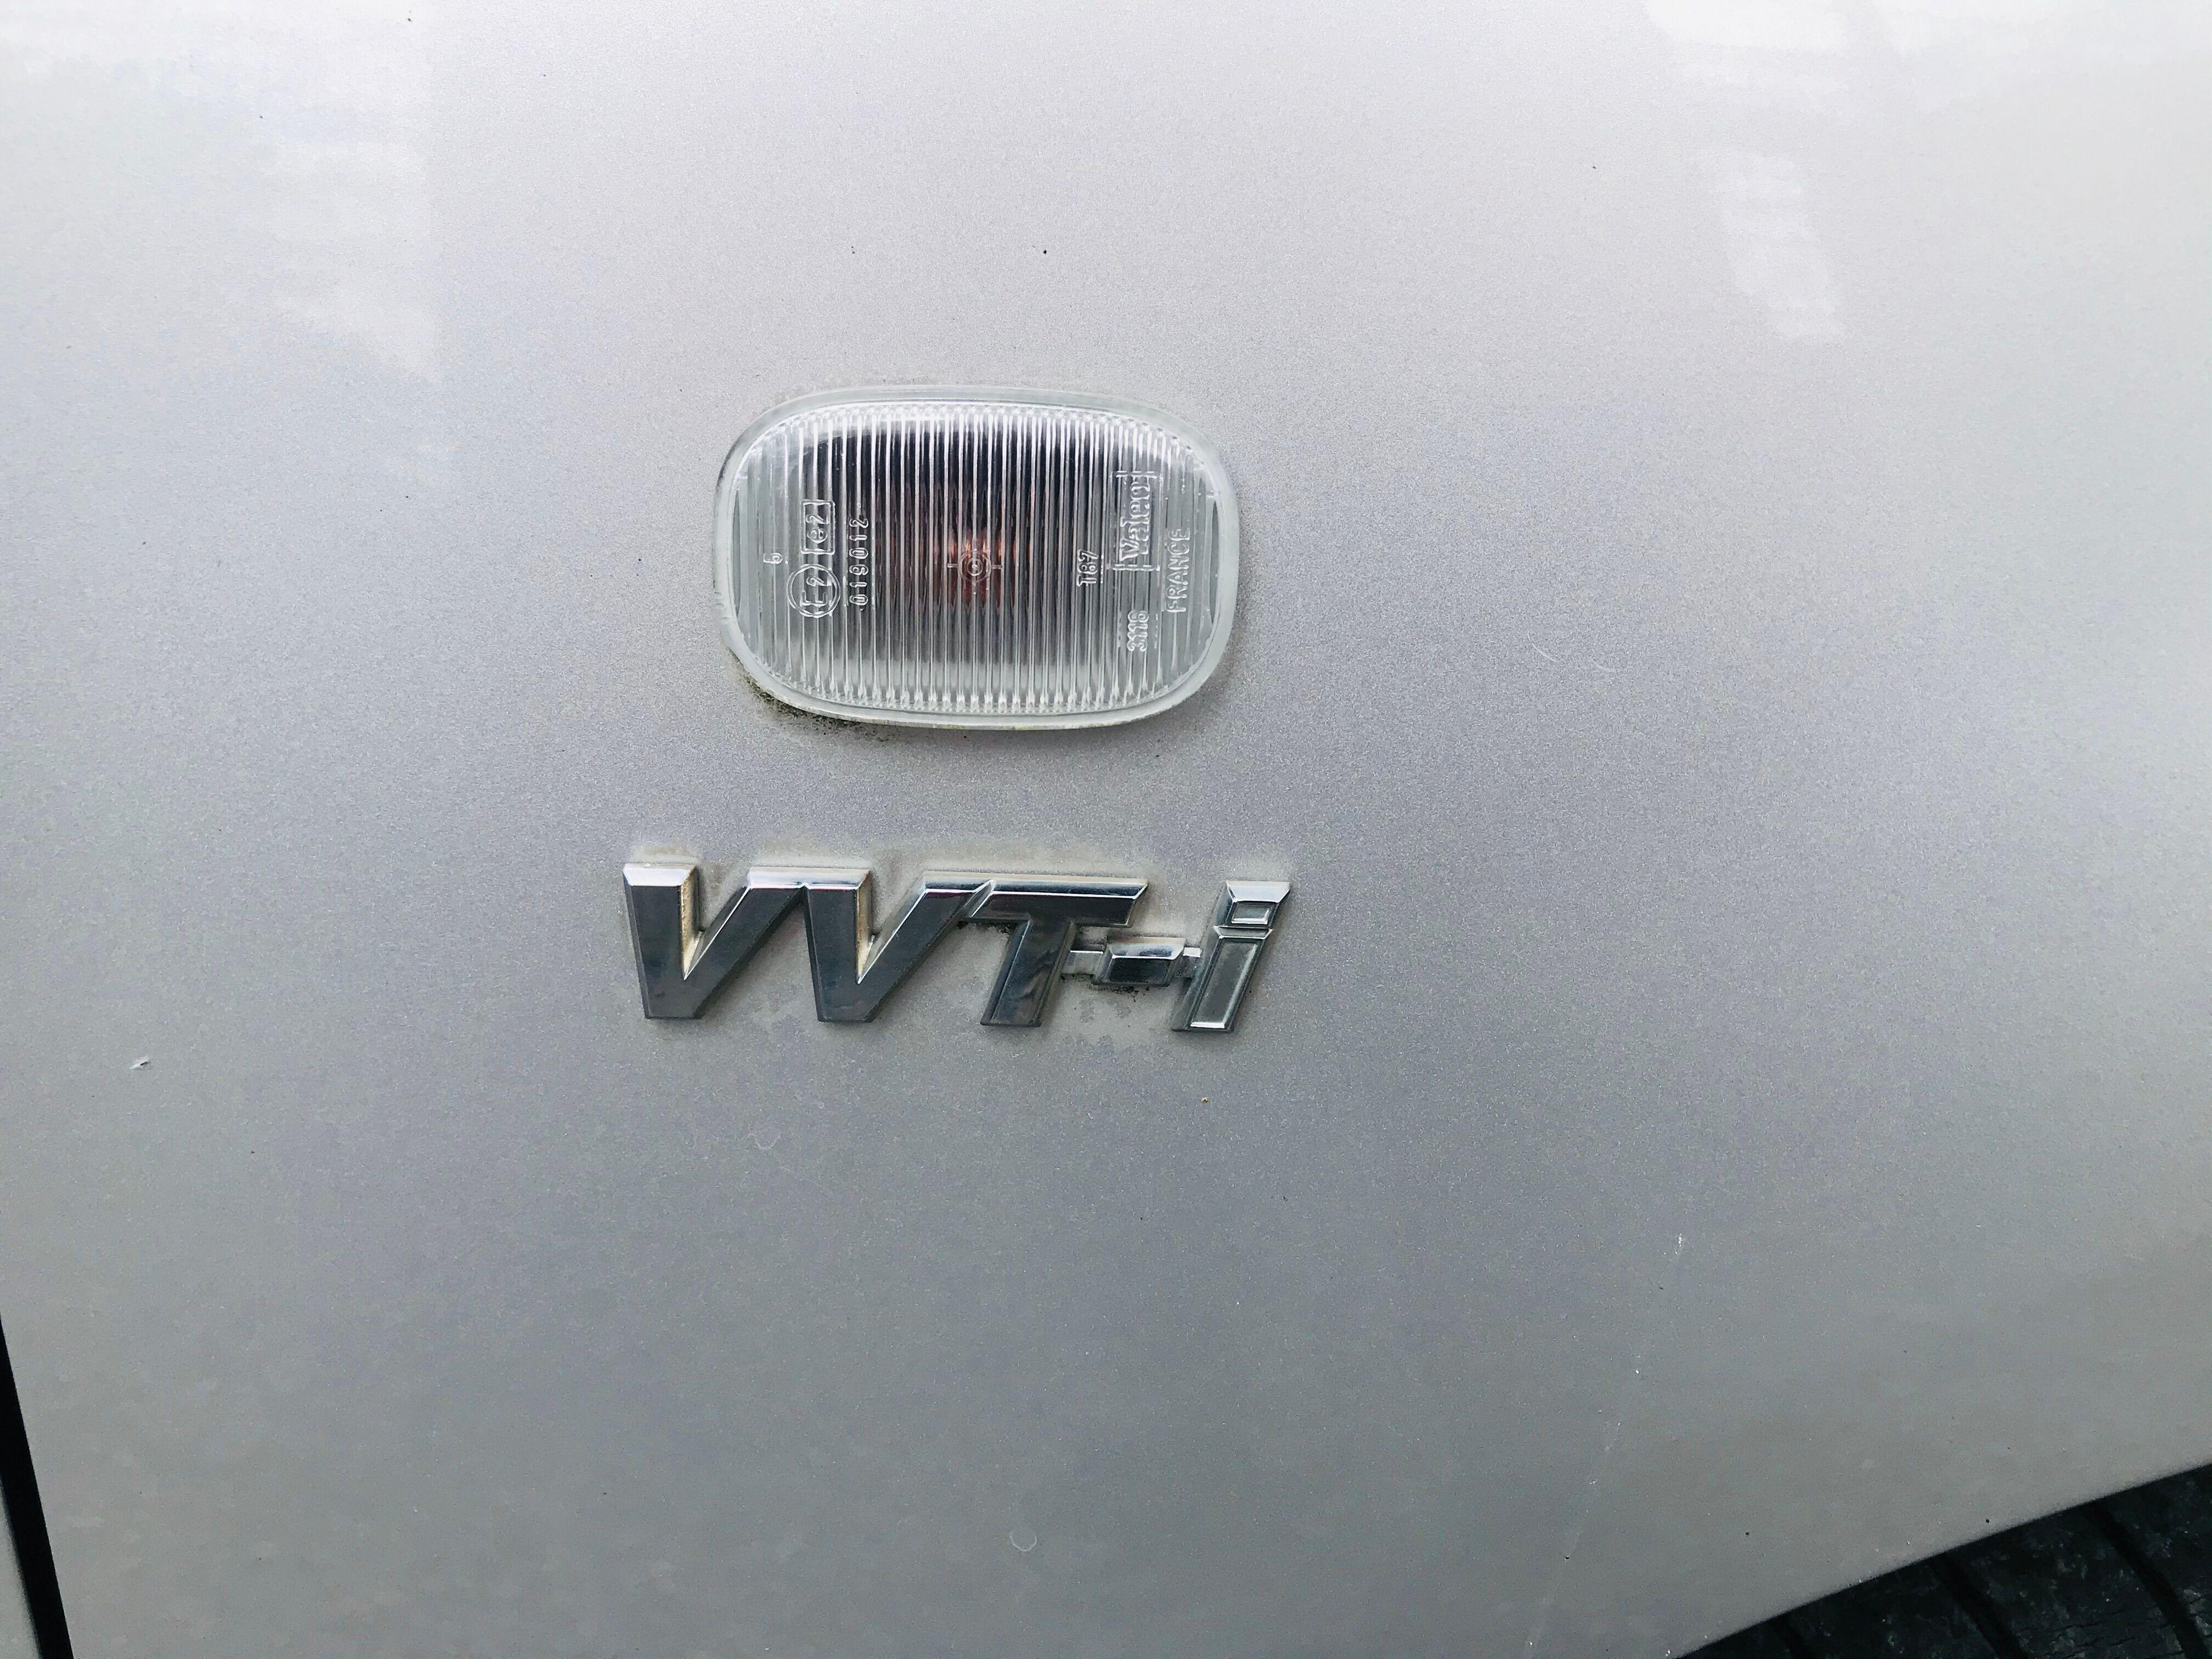 Toyota Corolla Toyota corolla 1,4vvt-i 2002 jante airco 4ve att remorque